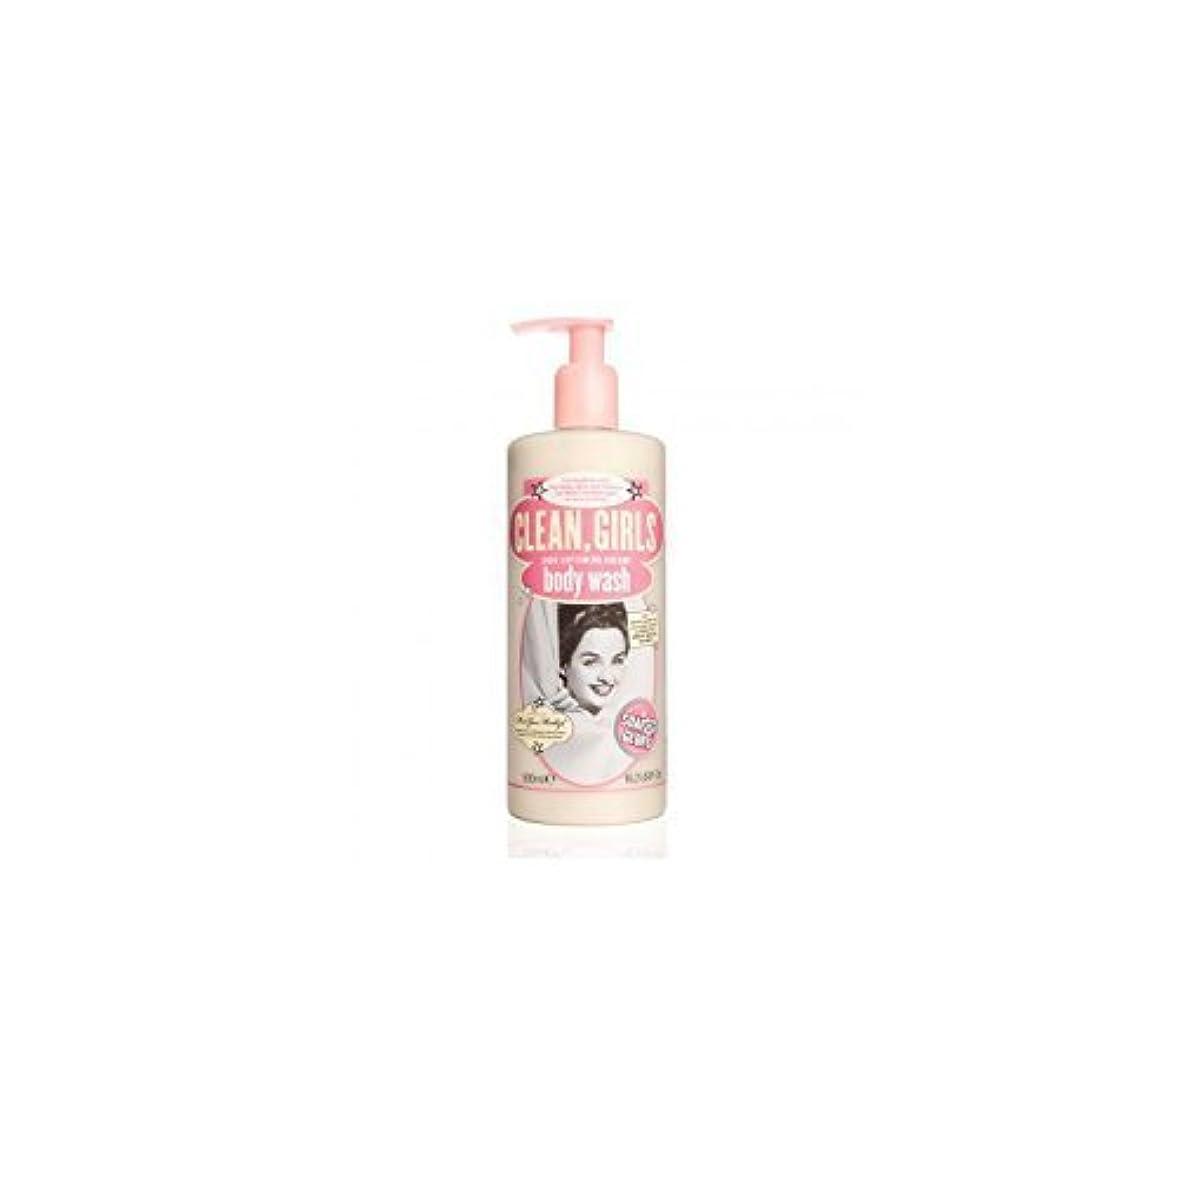 自治ボンド手伝うSoap & Glory Clean Girls Body Wash 500ml by Trifing